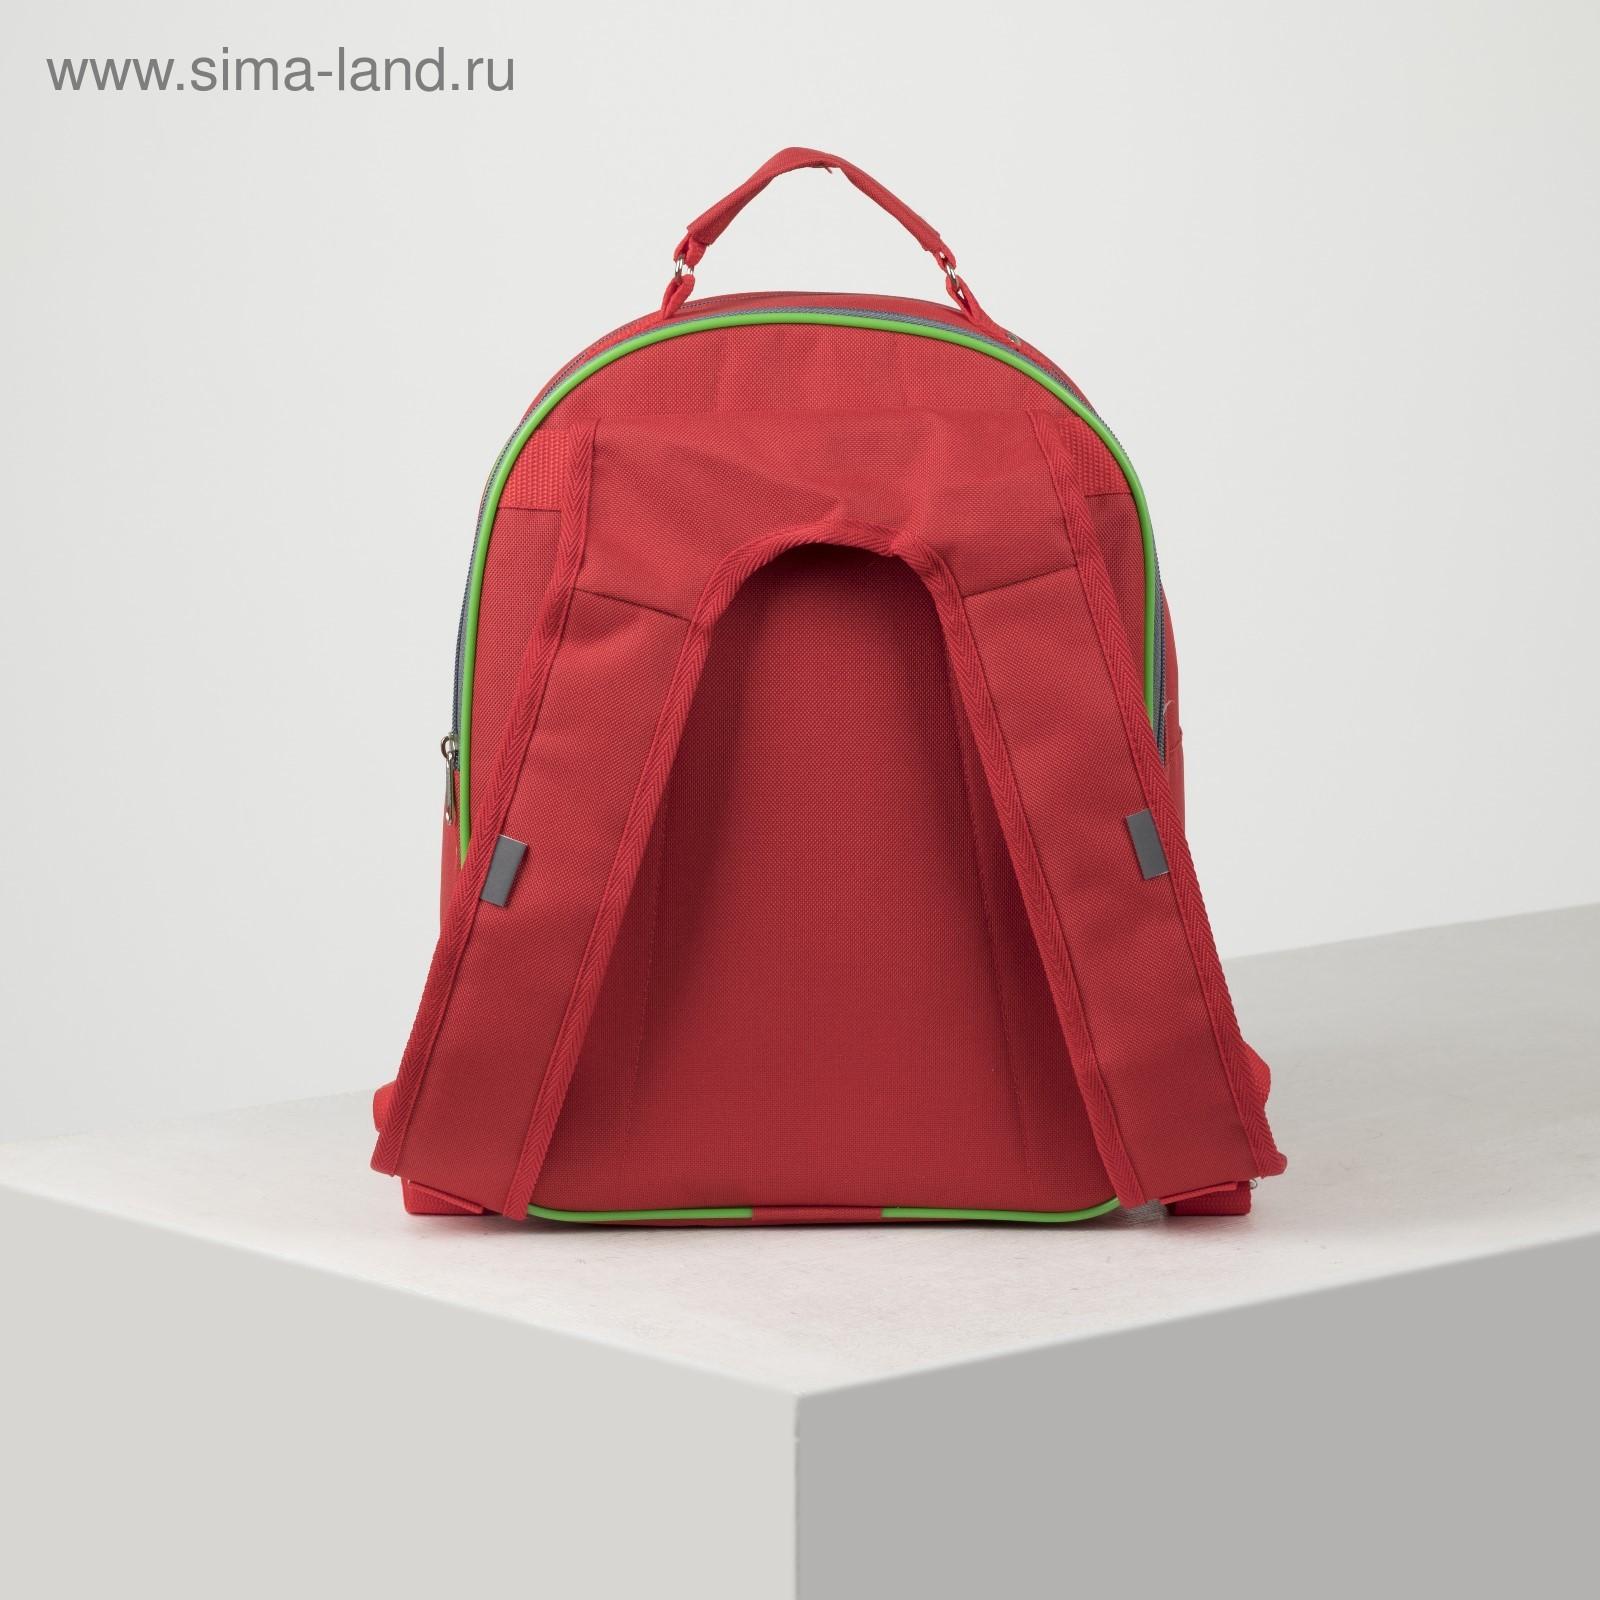 9d52f10187a6 Рюкзак школьный на молнии, 2 отдела, 2 наружных кармана, цвет серый/красный